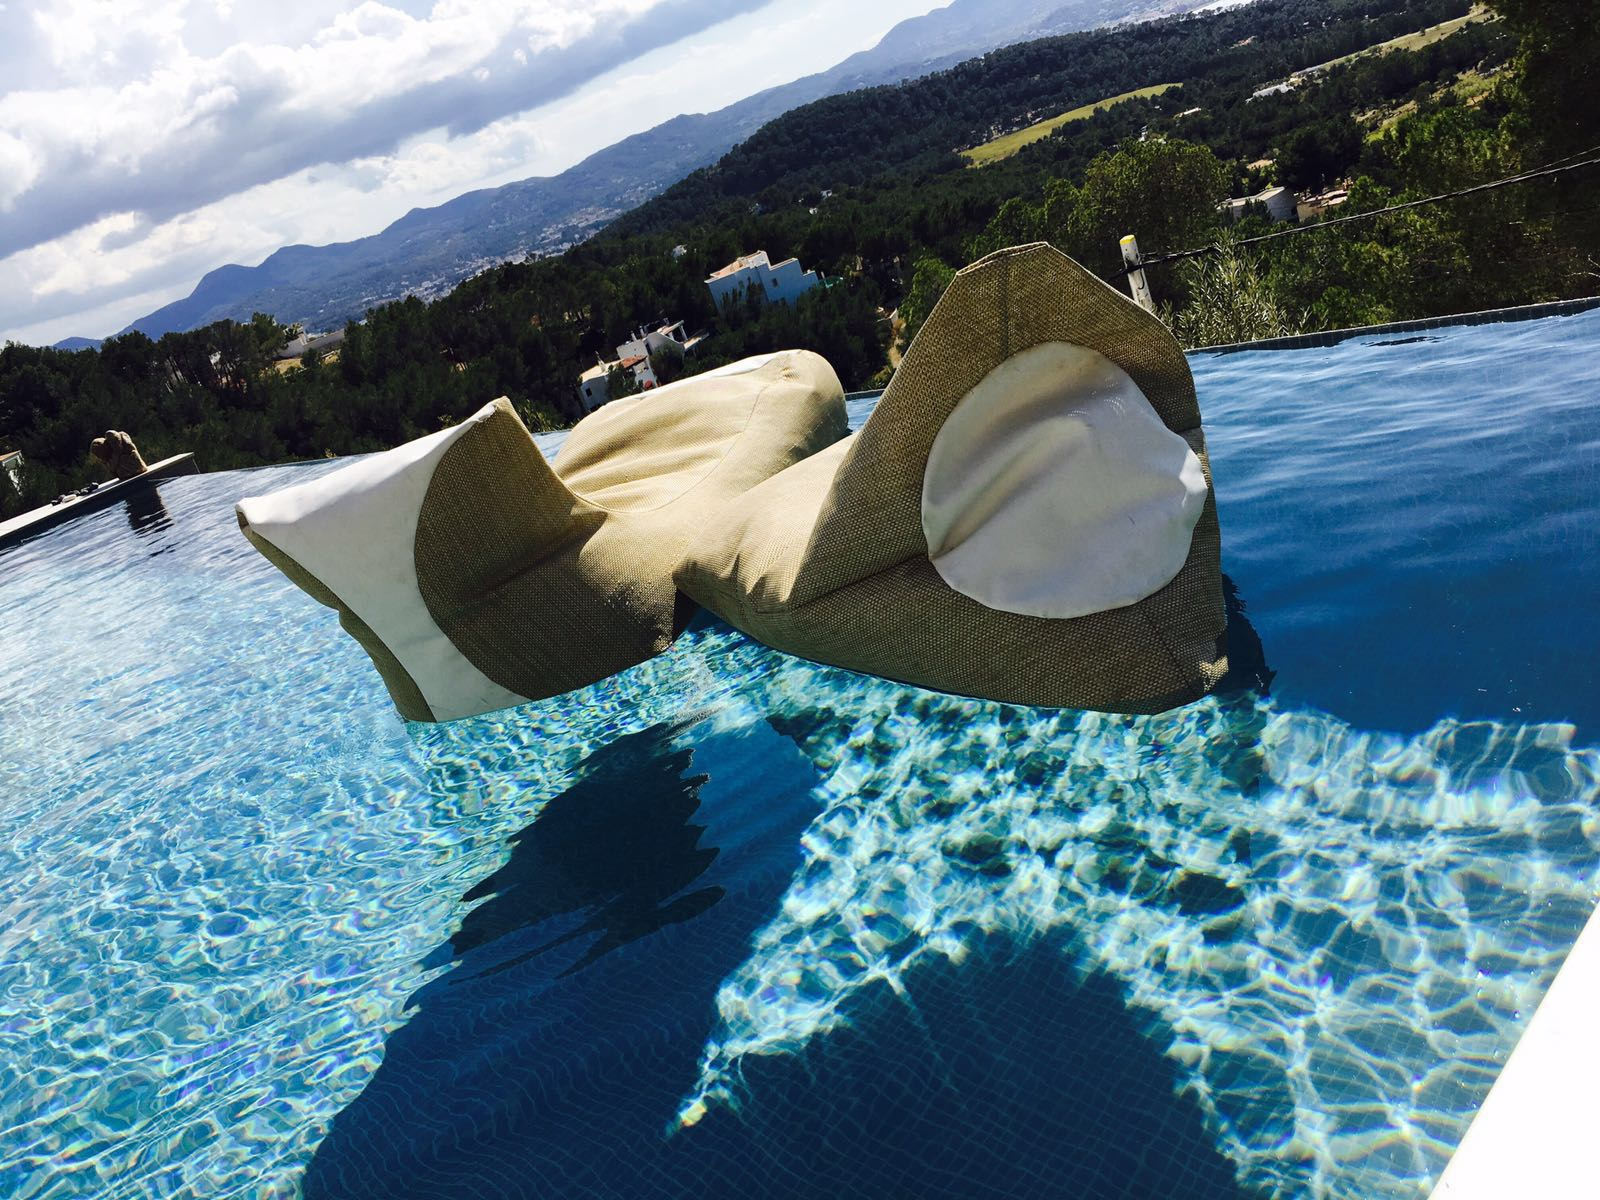 Inpool, i pouf galleggianti per vivere l'estate